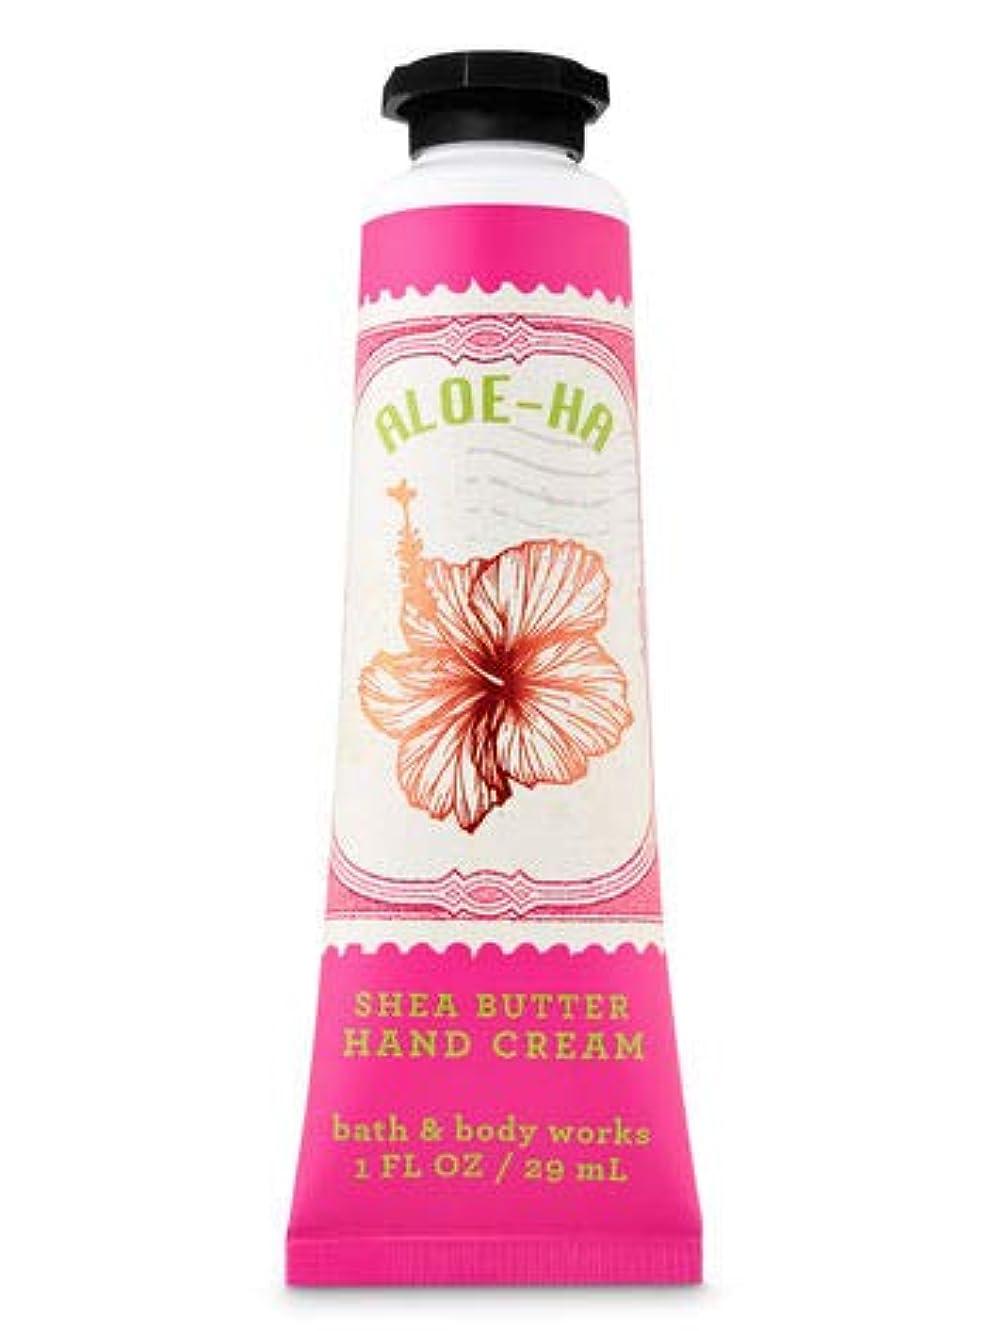 賛辞アルコーブ真夜中【Bath&Body Works/バス&ボディワークス】 シアバター ハンドクリーム アロエ‐ハ Shea Butter Hand Cream Aloe-Ha 1 fl oz / 29 mL [並行輸入品]